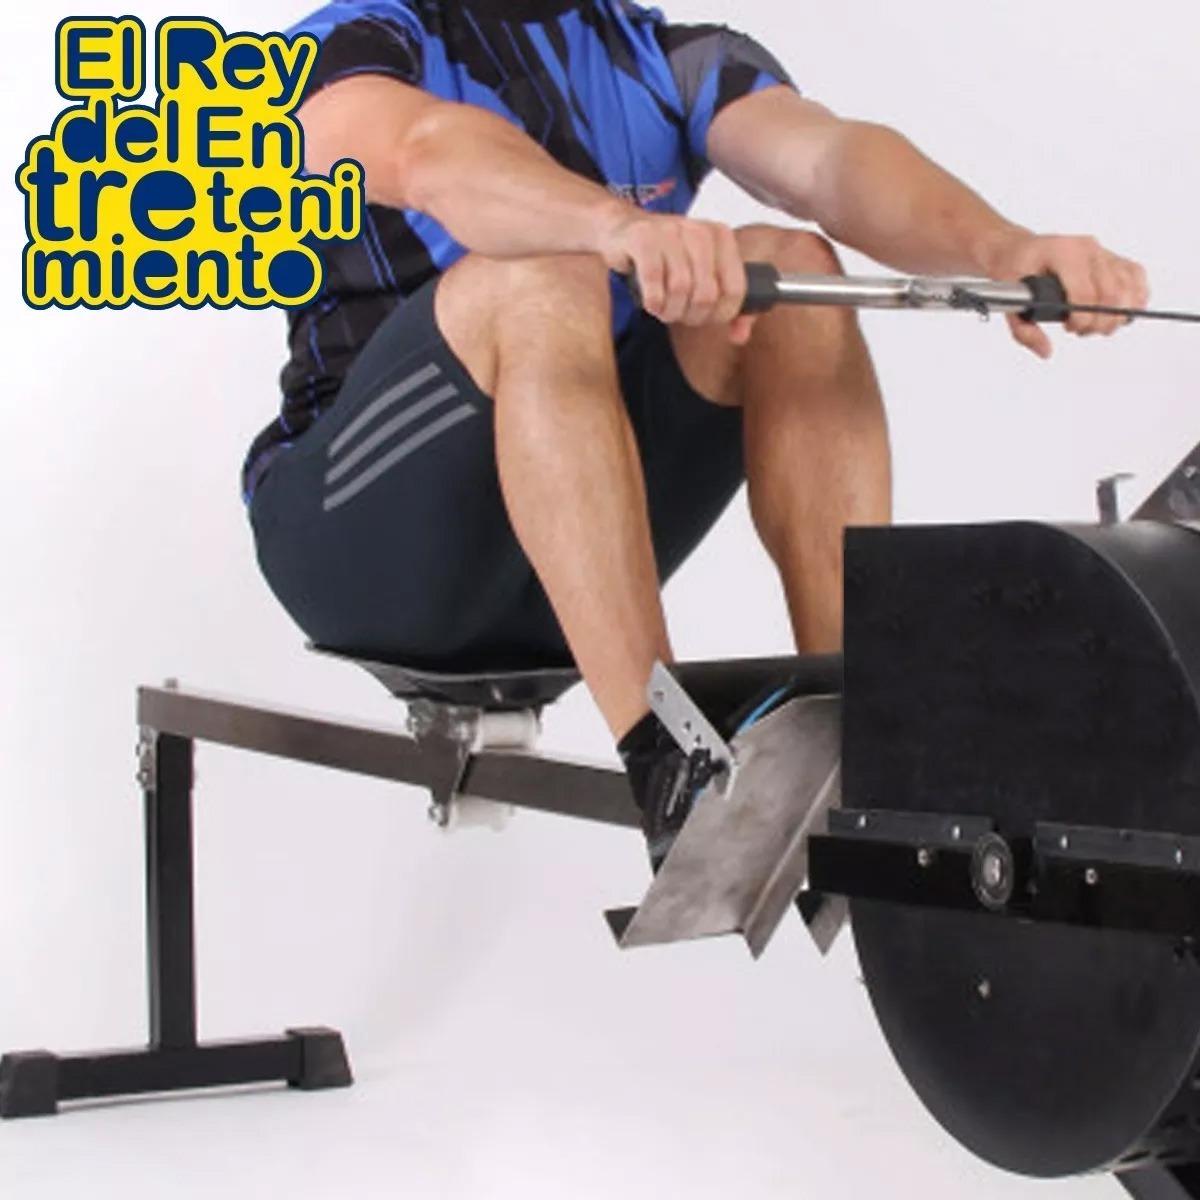 Agarre V Polea Metal Doble Triceps Entrenamiento Remo El Rey - $ 500 ...